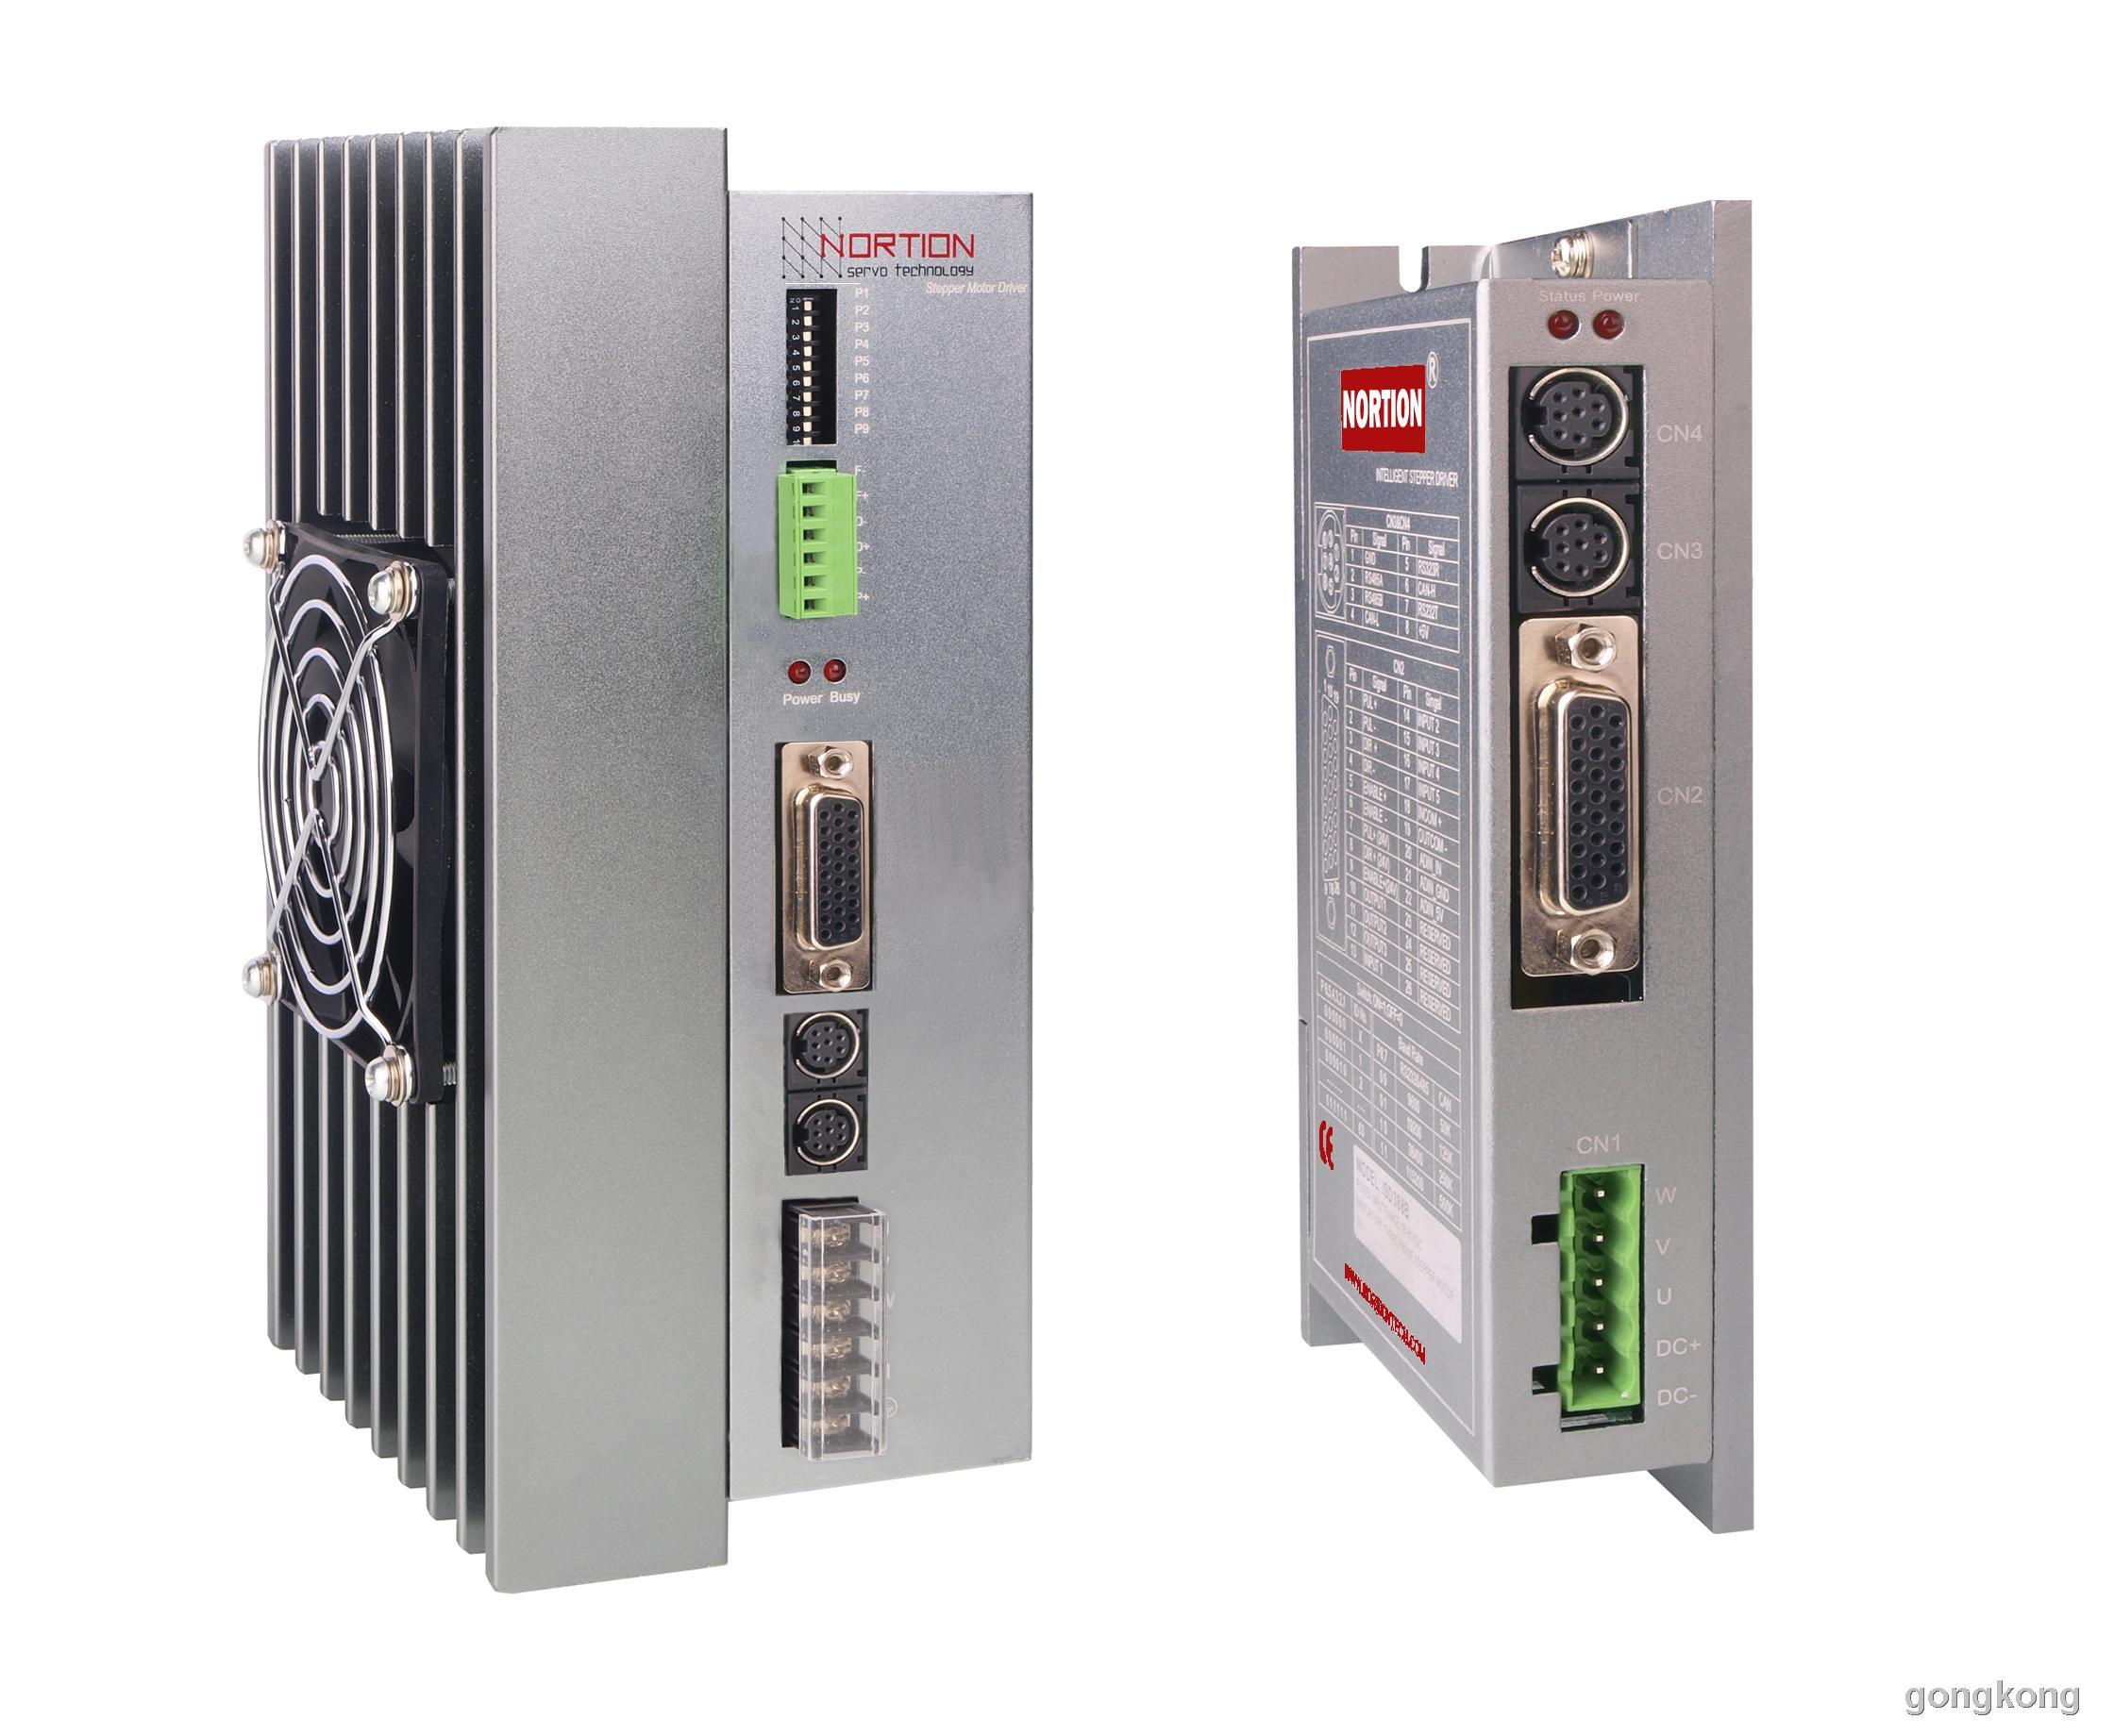 諾信泰 ISD3228B 220VAC 總線型 三相智能步進驅動器